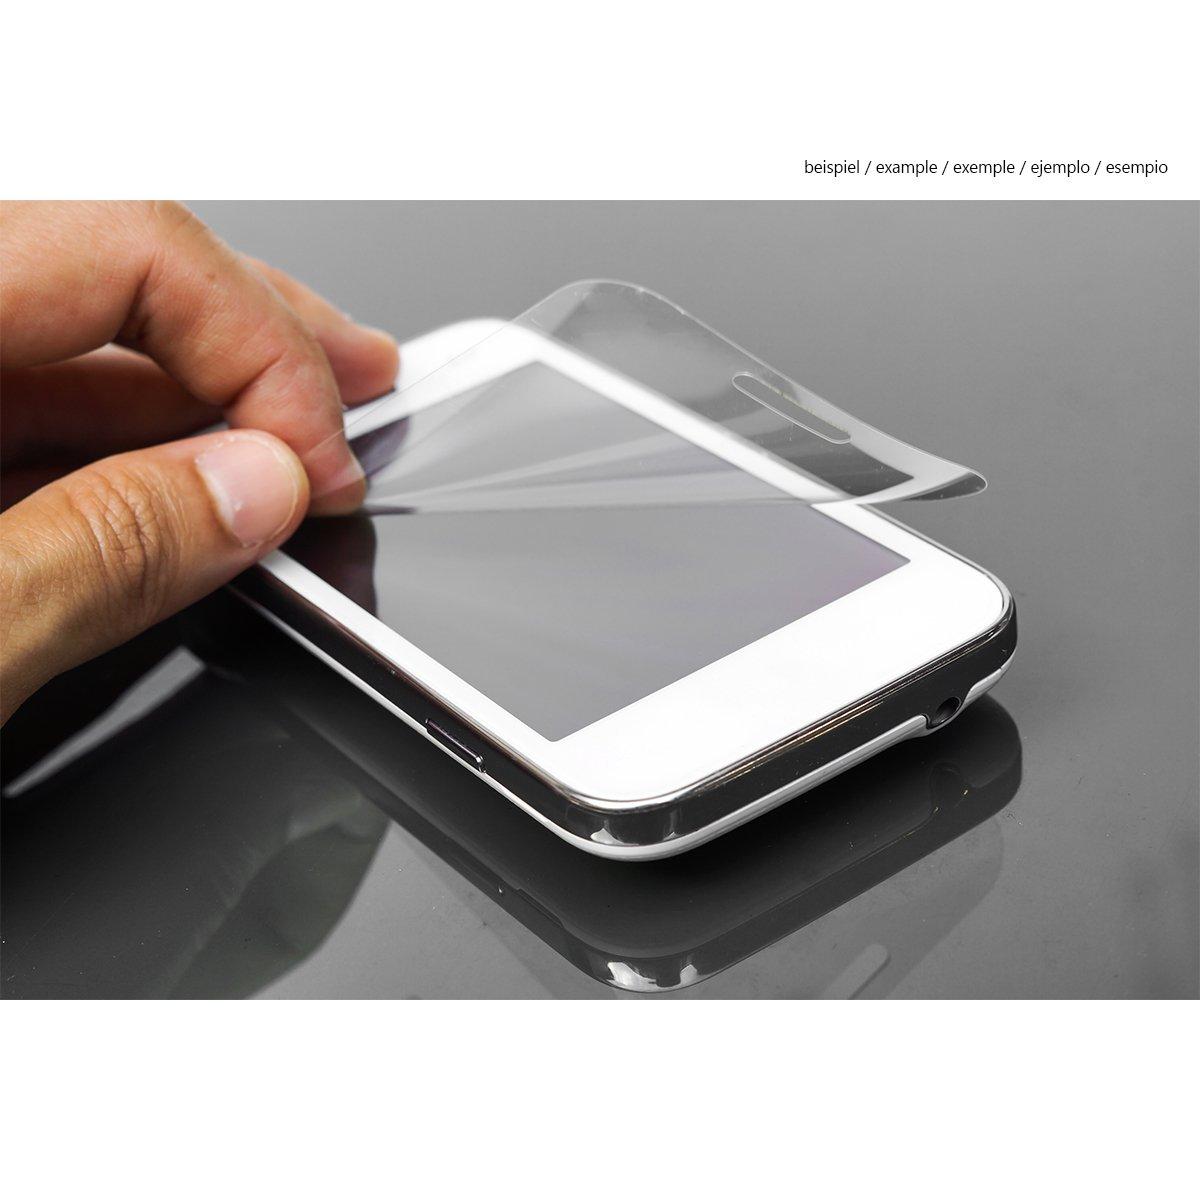 Invisible Pel/ícula Protectora Anti-Huella Dactilar Crystal Clear Transparente 2 Piezas disGuard Protector de Pantalla Cristal compatibile con Sony Alpha 6100 Anti-Ara/ñazos